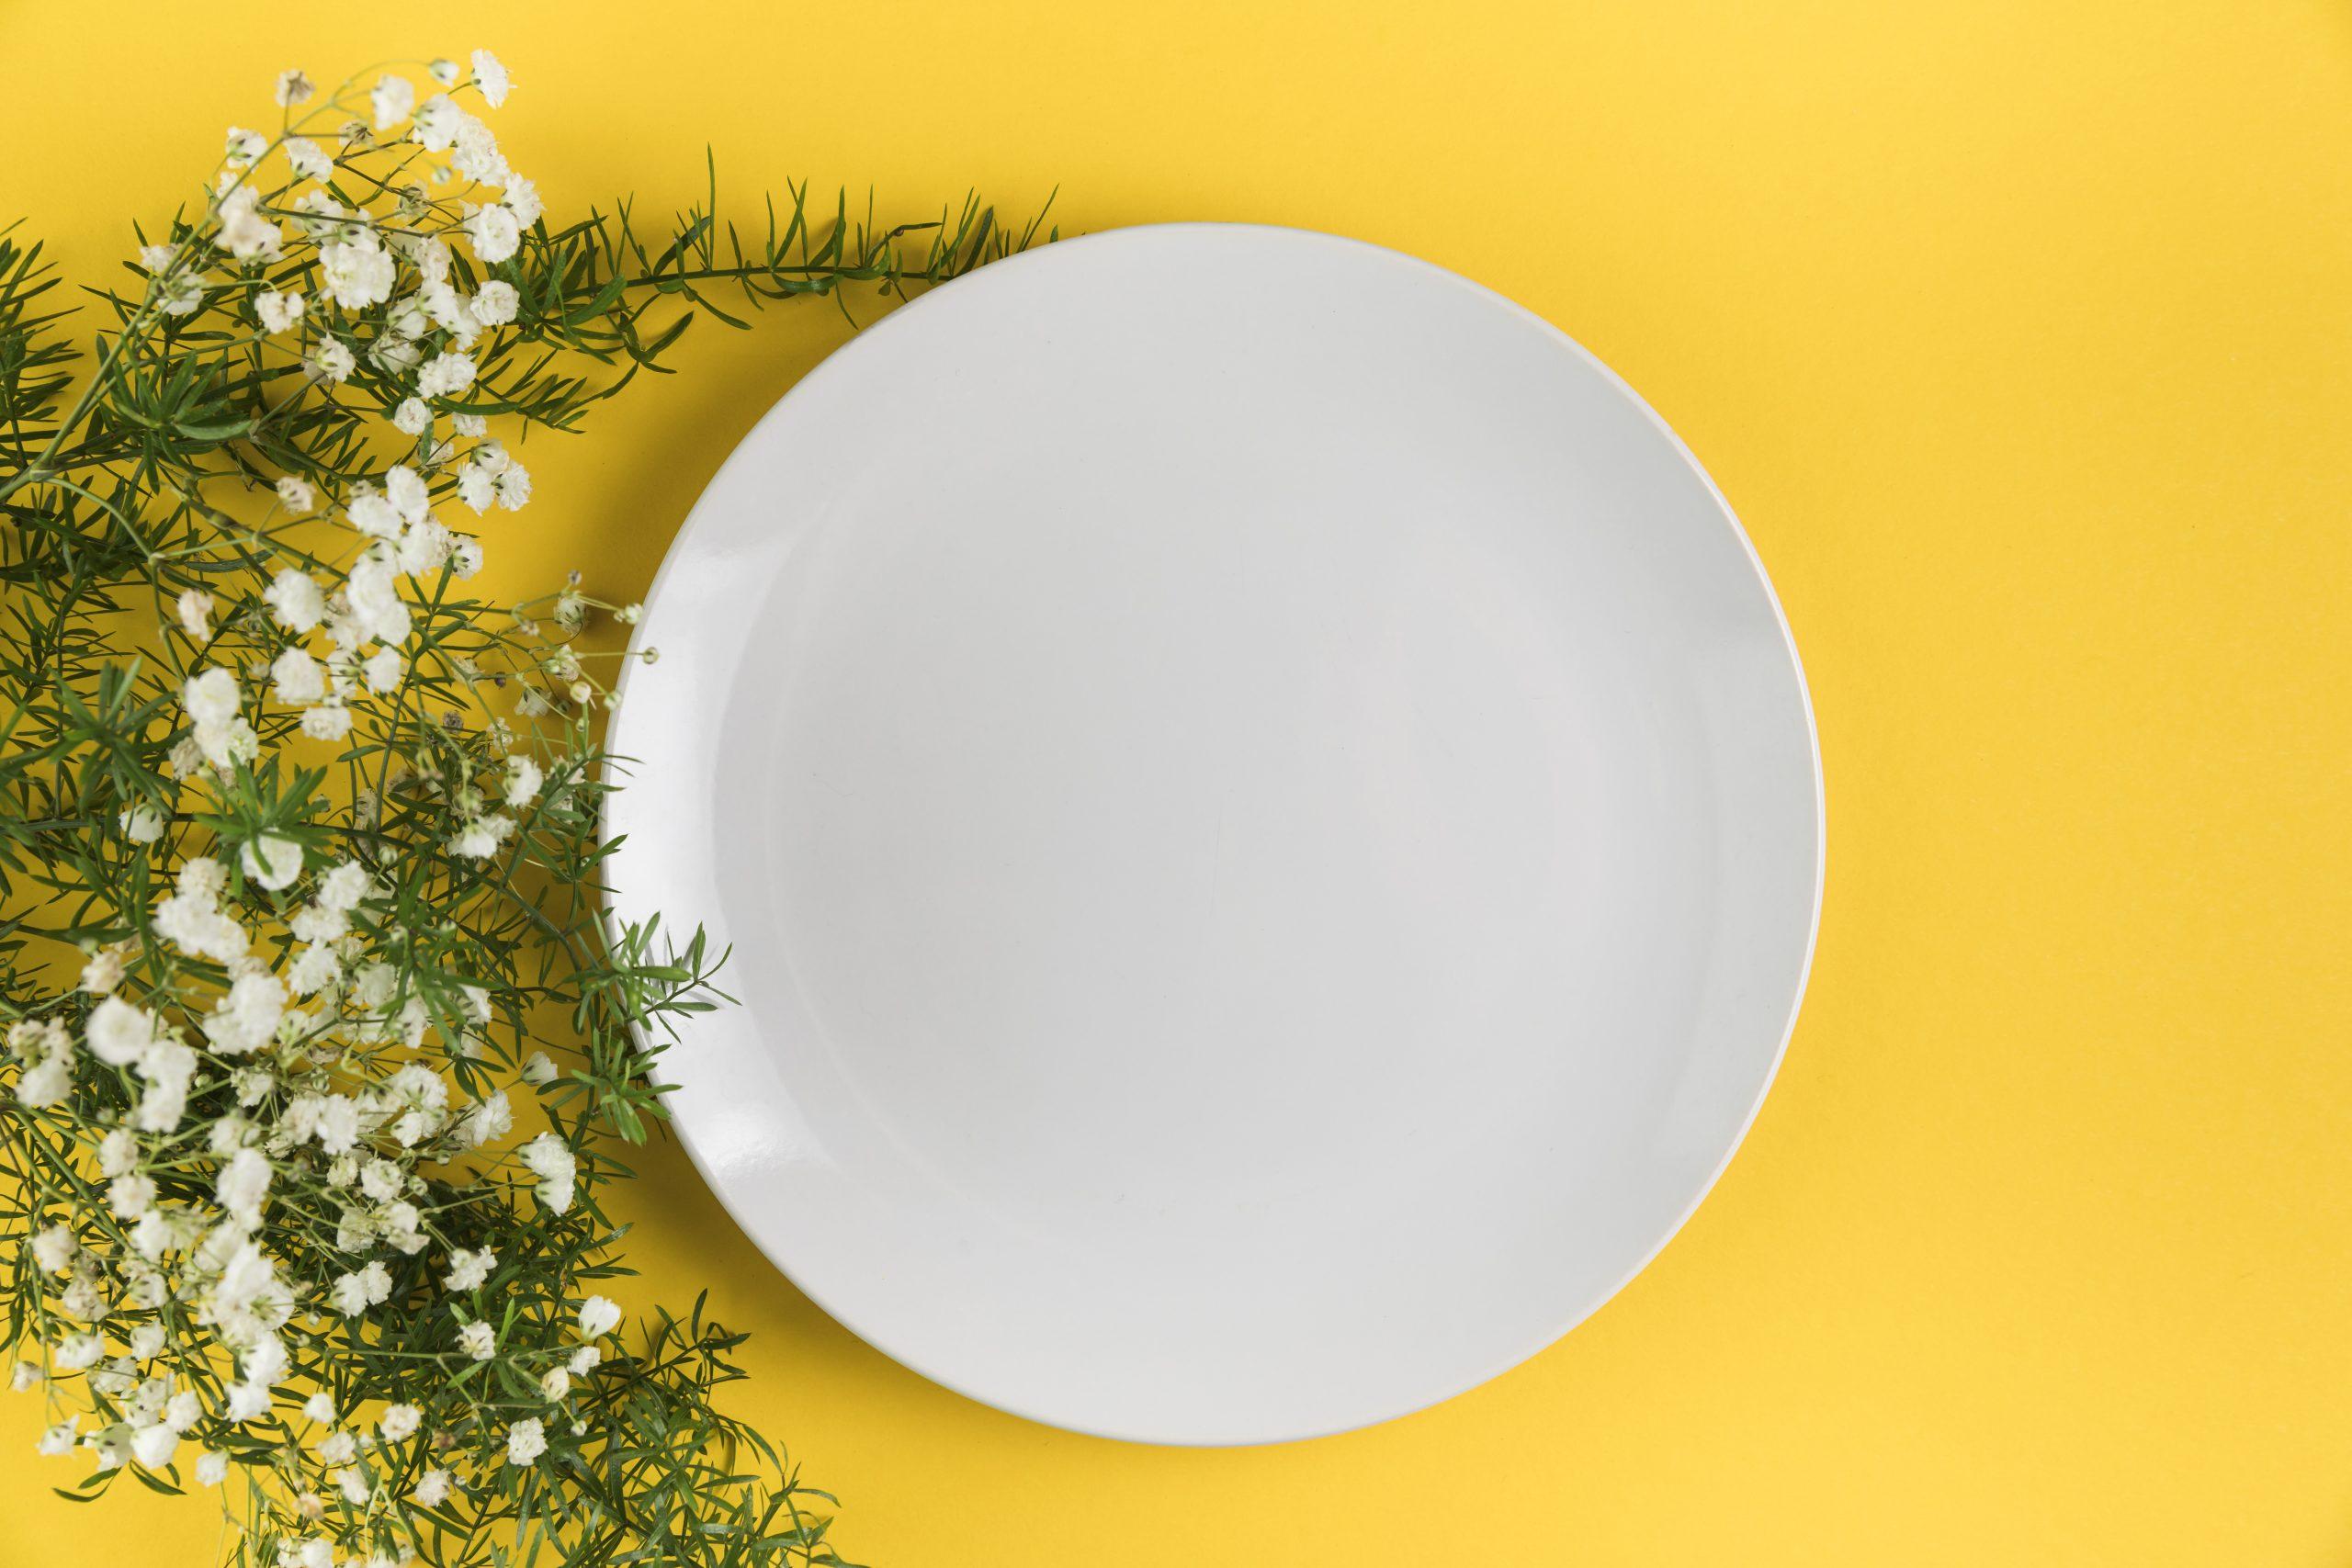 white-empty-plate-near-gypsophila-flowers-yellow-background